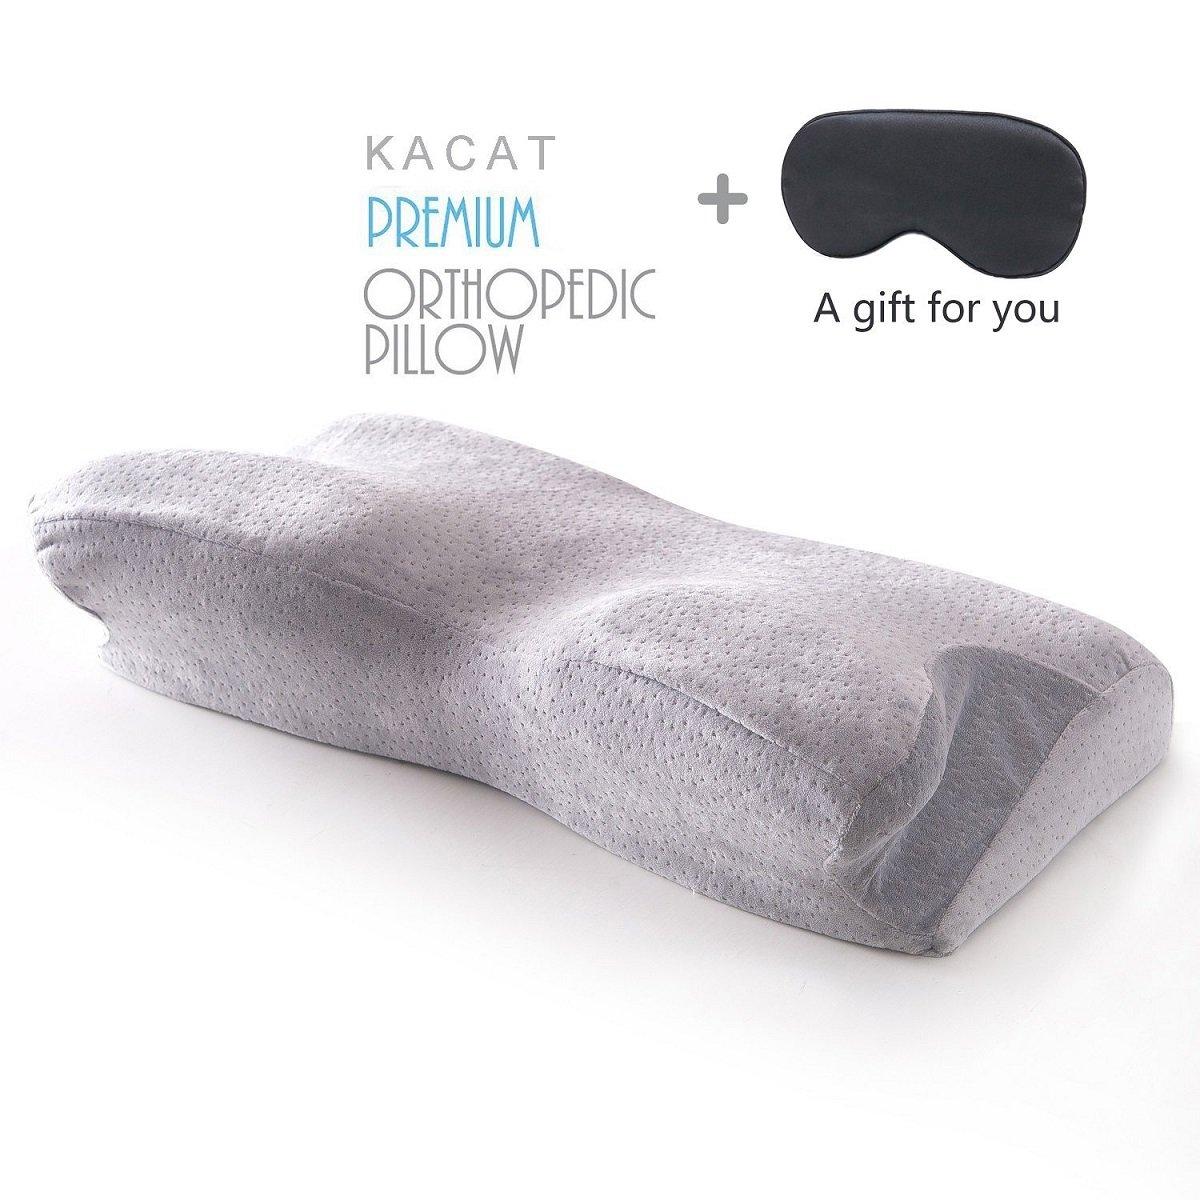 メモリーフォームベッド枕、Kacat快適な睡眠の枕ネックサポートat any sleeping姿勢、人間工学首枕withファスナー付き洗濯可能枕カバー L グレー B074QLHTBSButterfly Shape-grey